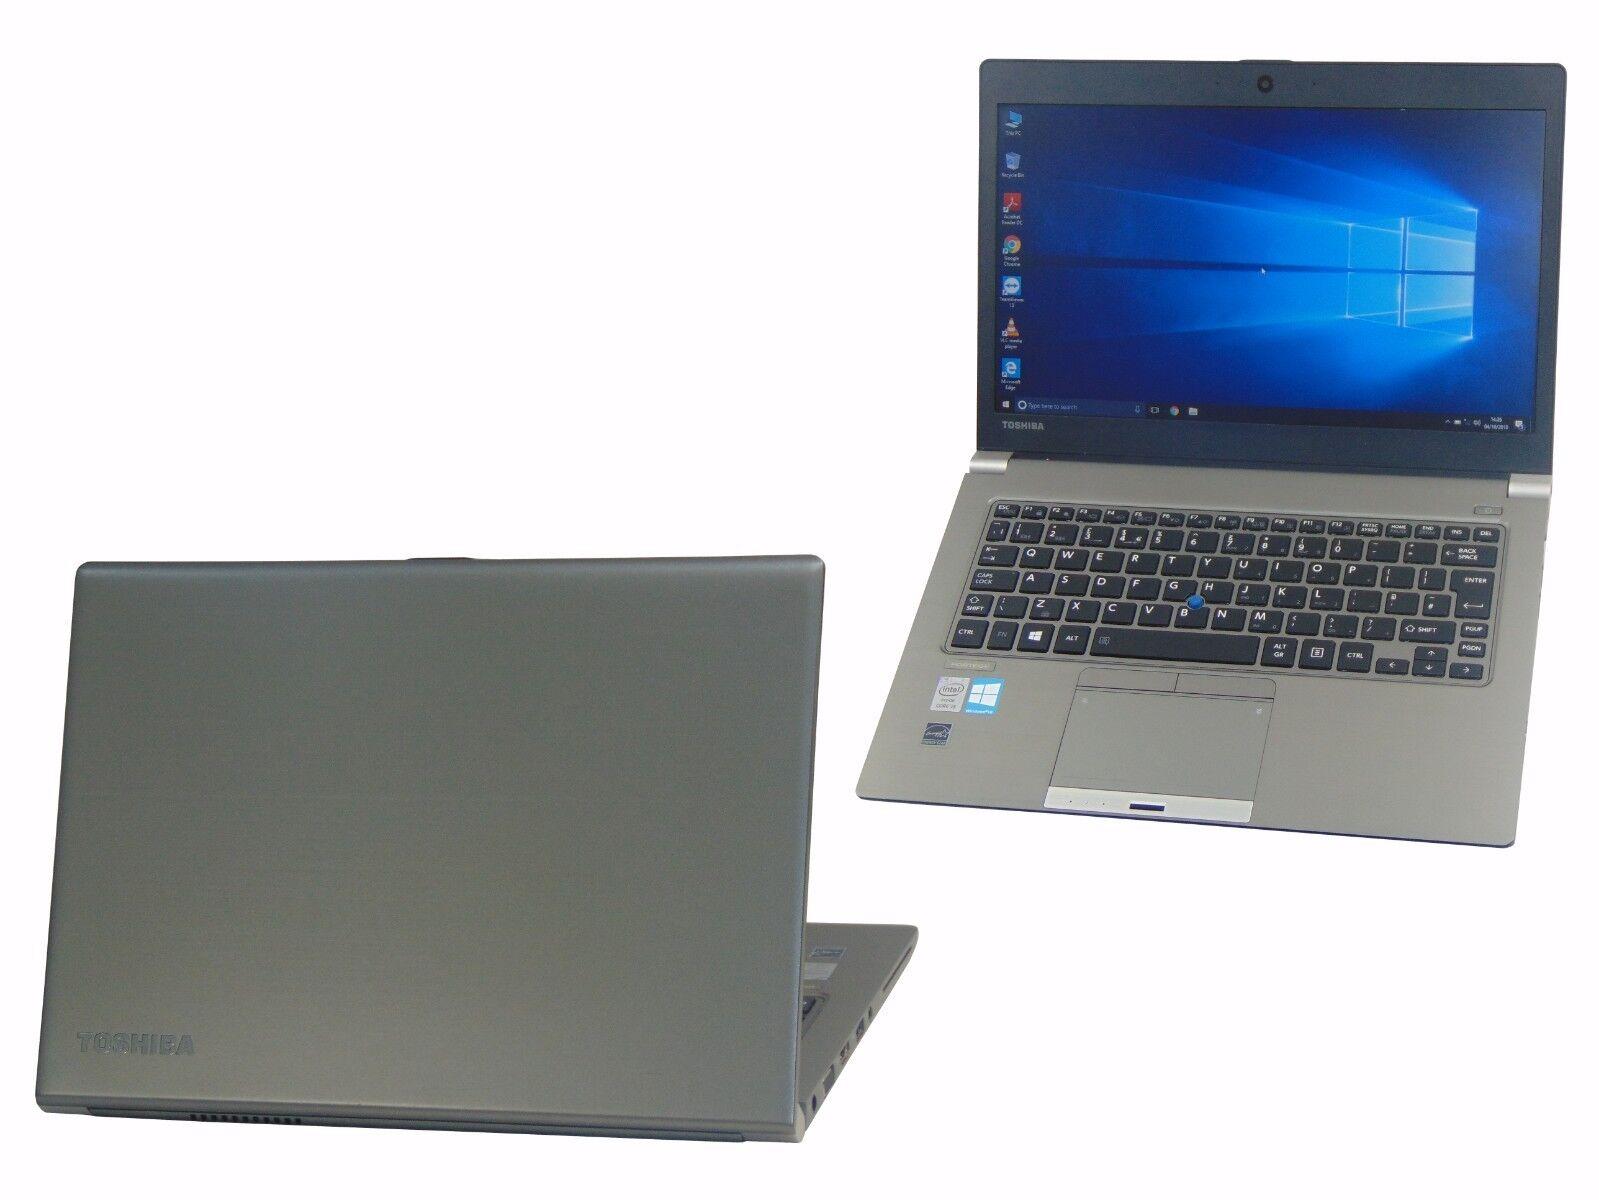 Laptop Windows - Toshiba Laptop Windows 10 Portege Z30 Core i5-4200U 4GB 128GB SSD Webcam HDMI